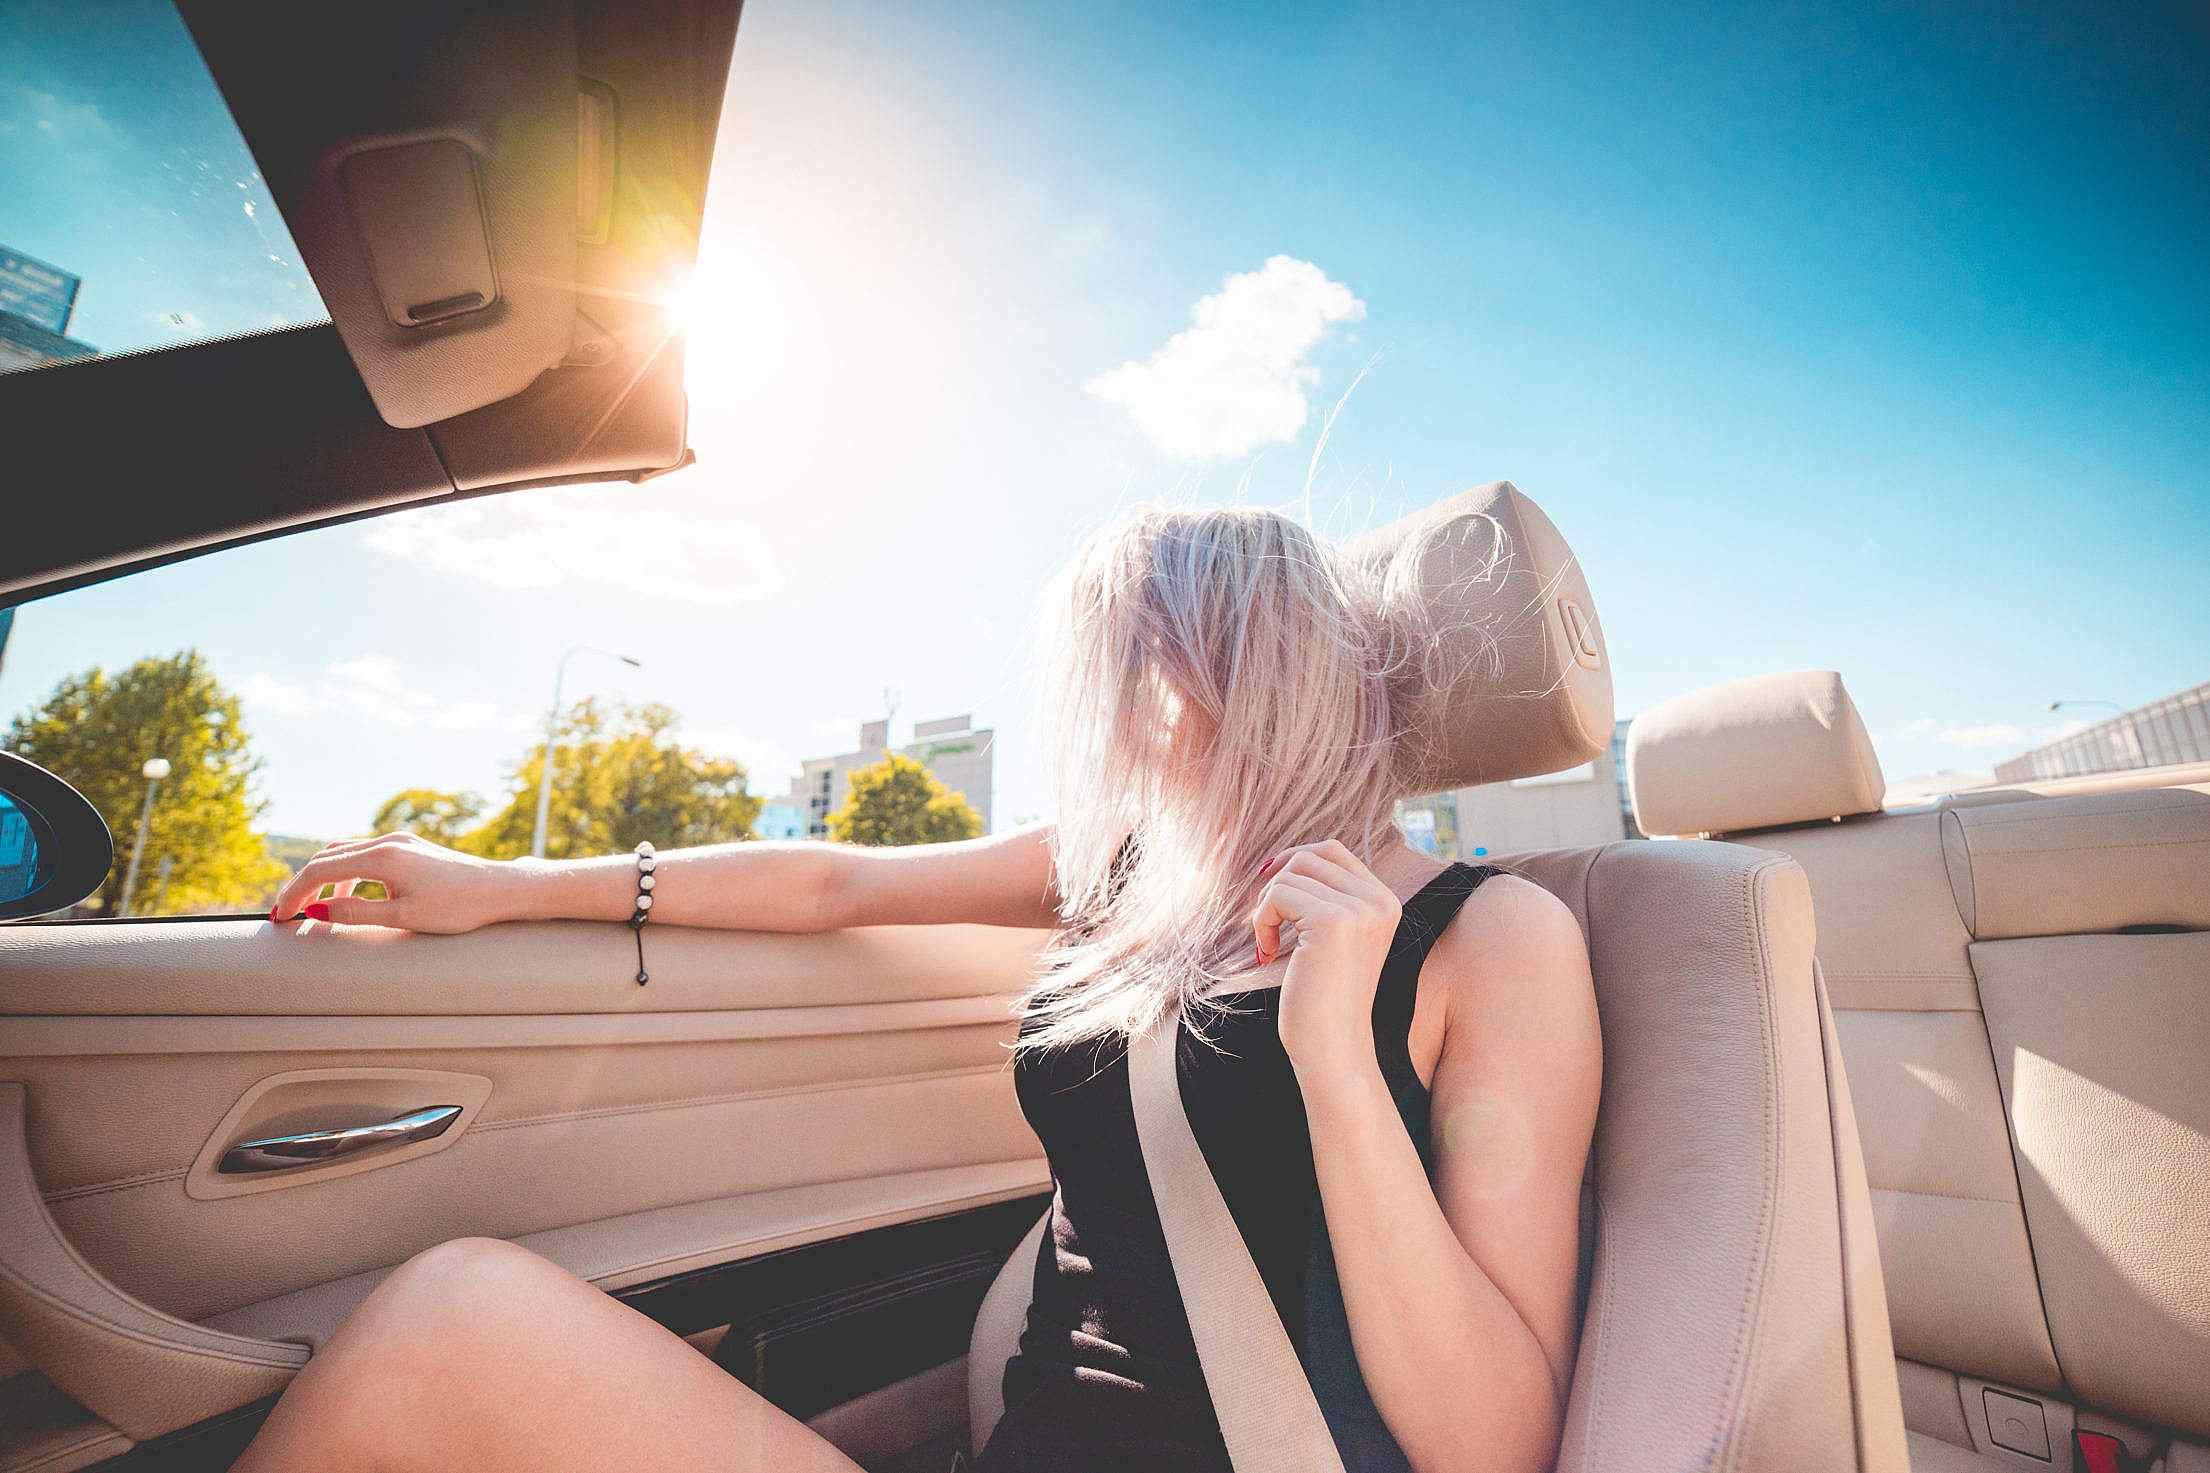 3. 不管是駕駛或乘客,一律須繫好安全帶!違規時罰款3萬韓元,如車內有未滿13歲而又未繫安全帶者,罰款6萬韓元。(*不適用於計程車及巴士司機已告知乘客須繫安全帶,而乘客沒有遵守的情況下。)